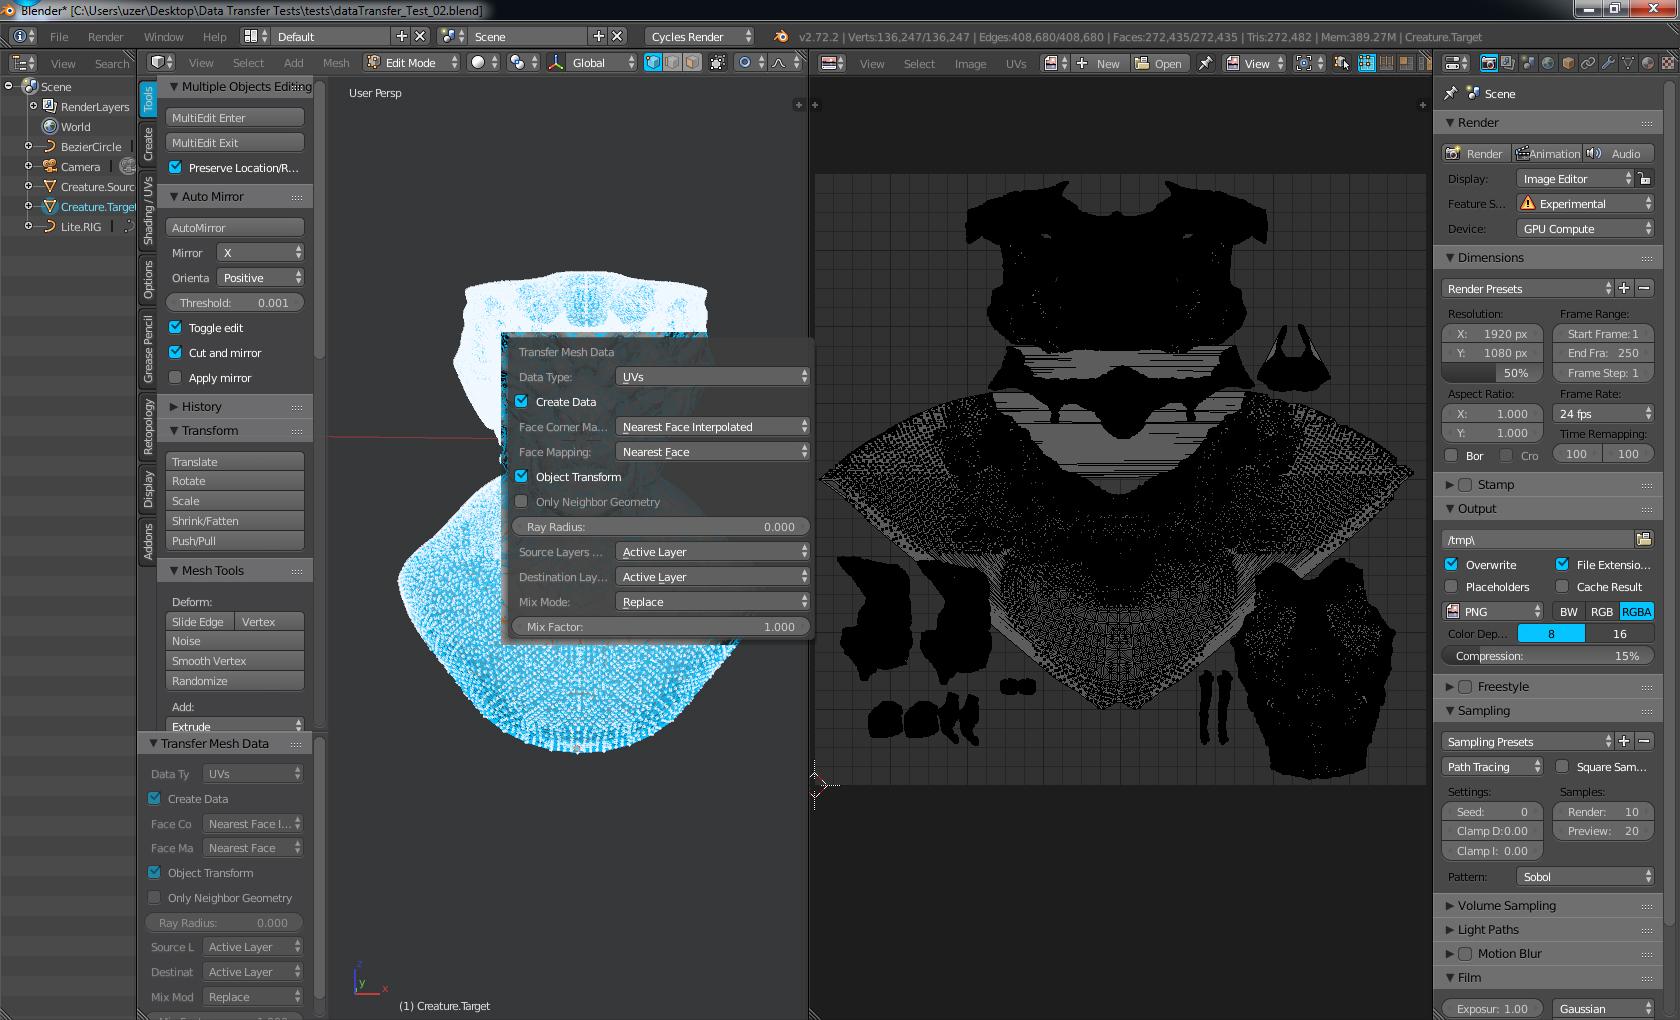 http://edge-loop.com/images/blender/support/dataTransfer_04_UVz.jpg